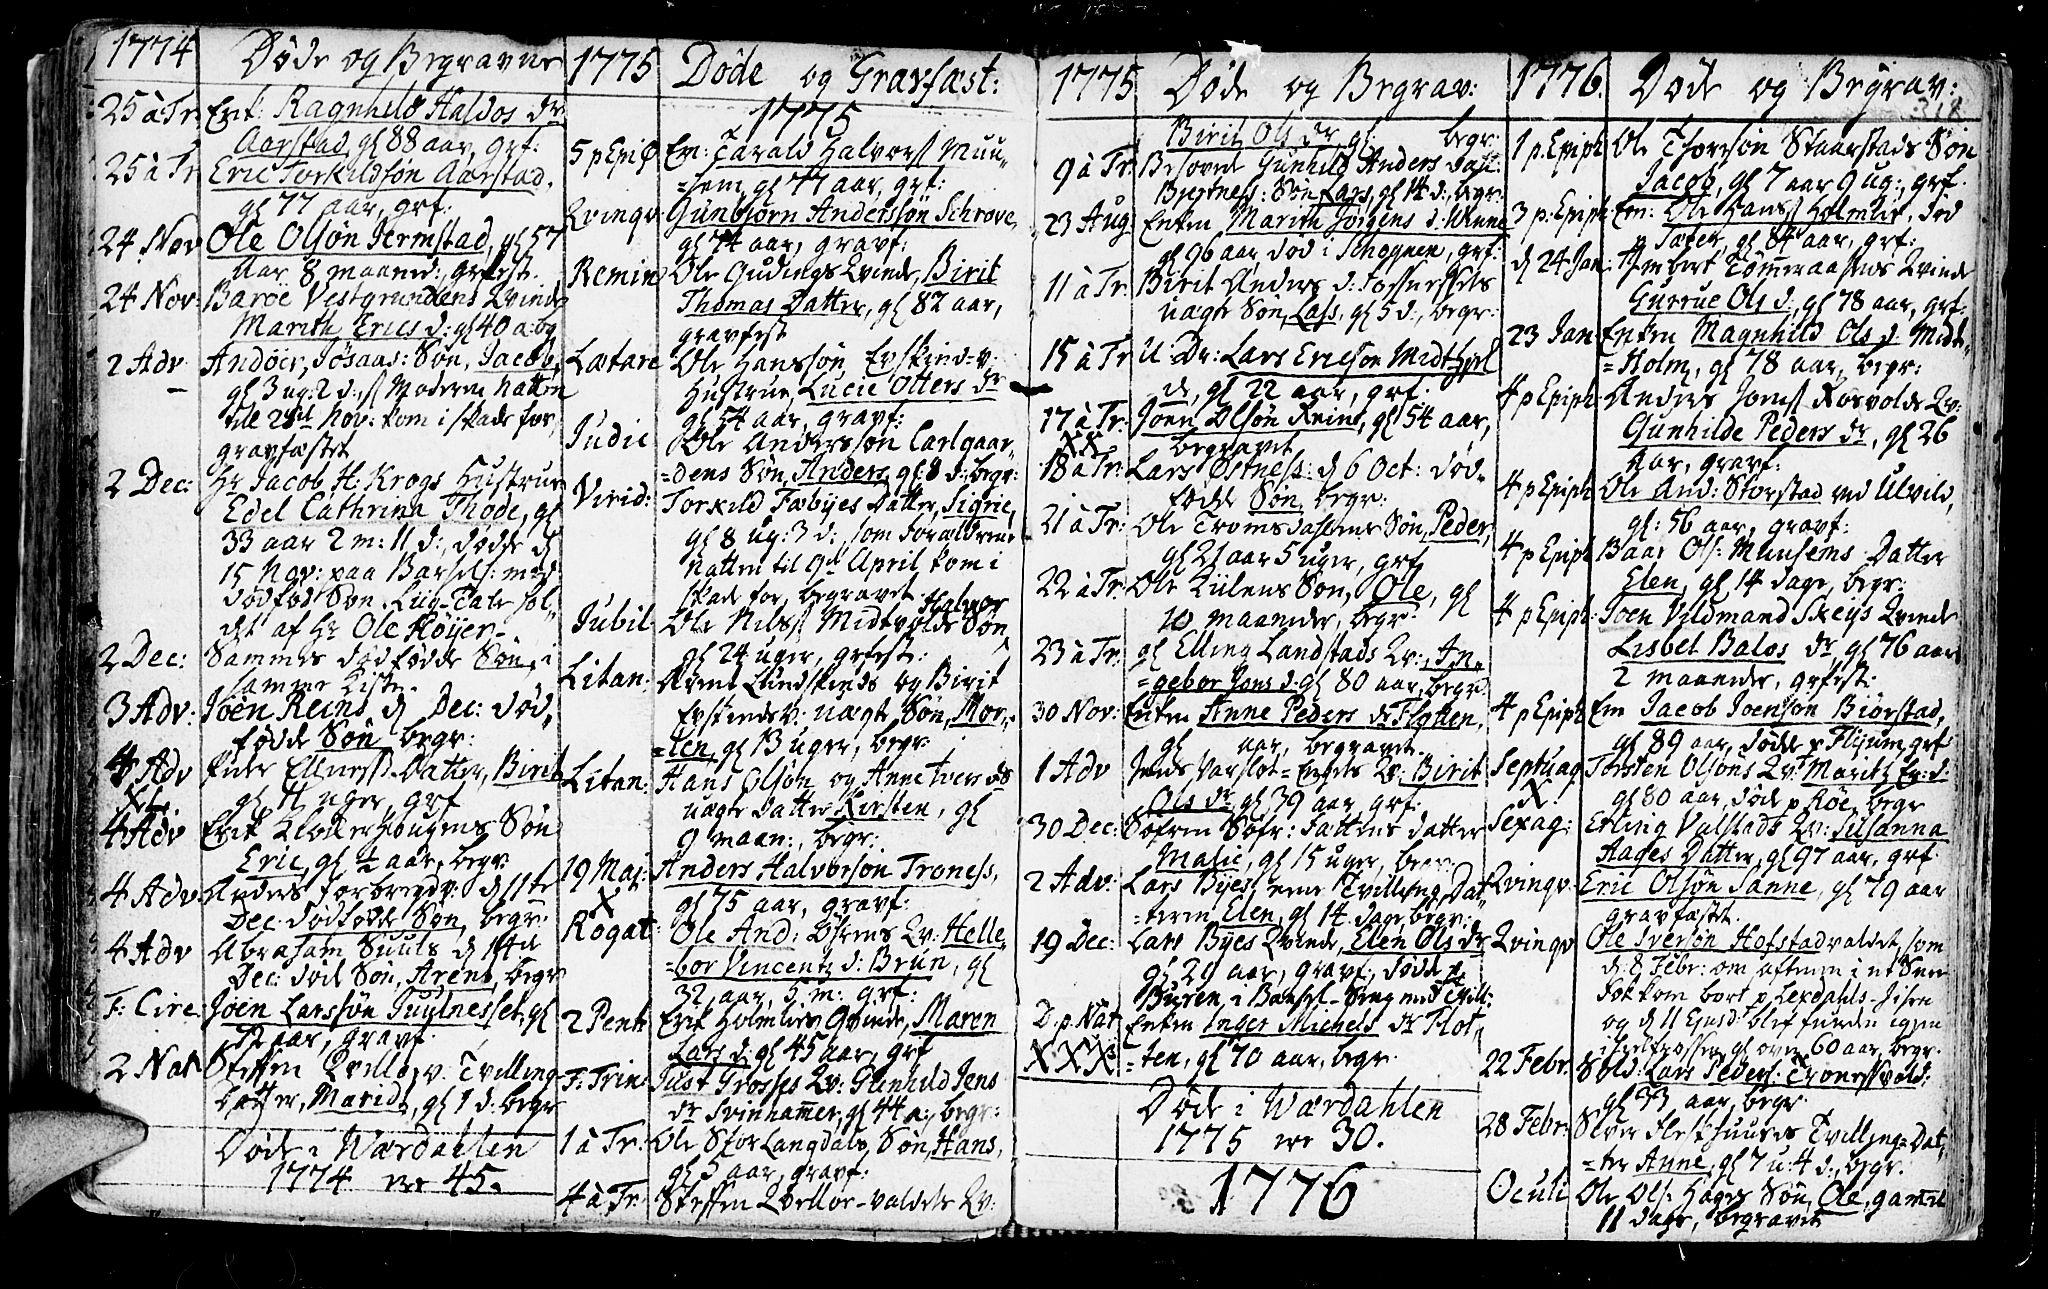 SAT, Ministerialprotokoller, klokkerbøker og fødselsregistre - Nord-Trøndelag, 723/L0231: Ministerialbok nr. 723A02, 1748-1780, s. 318